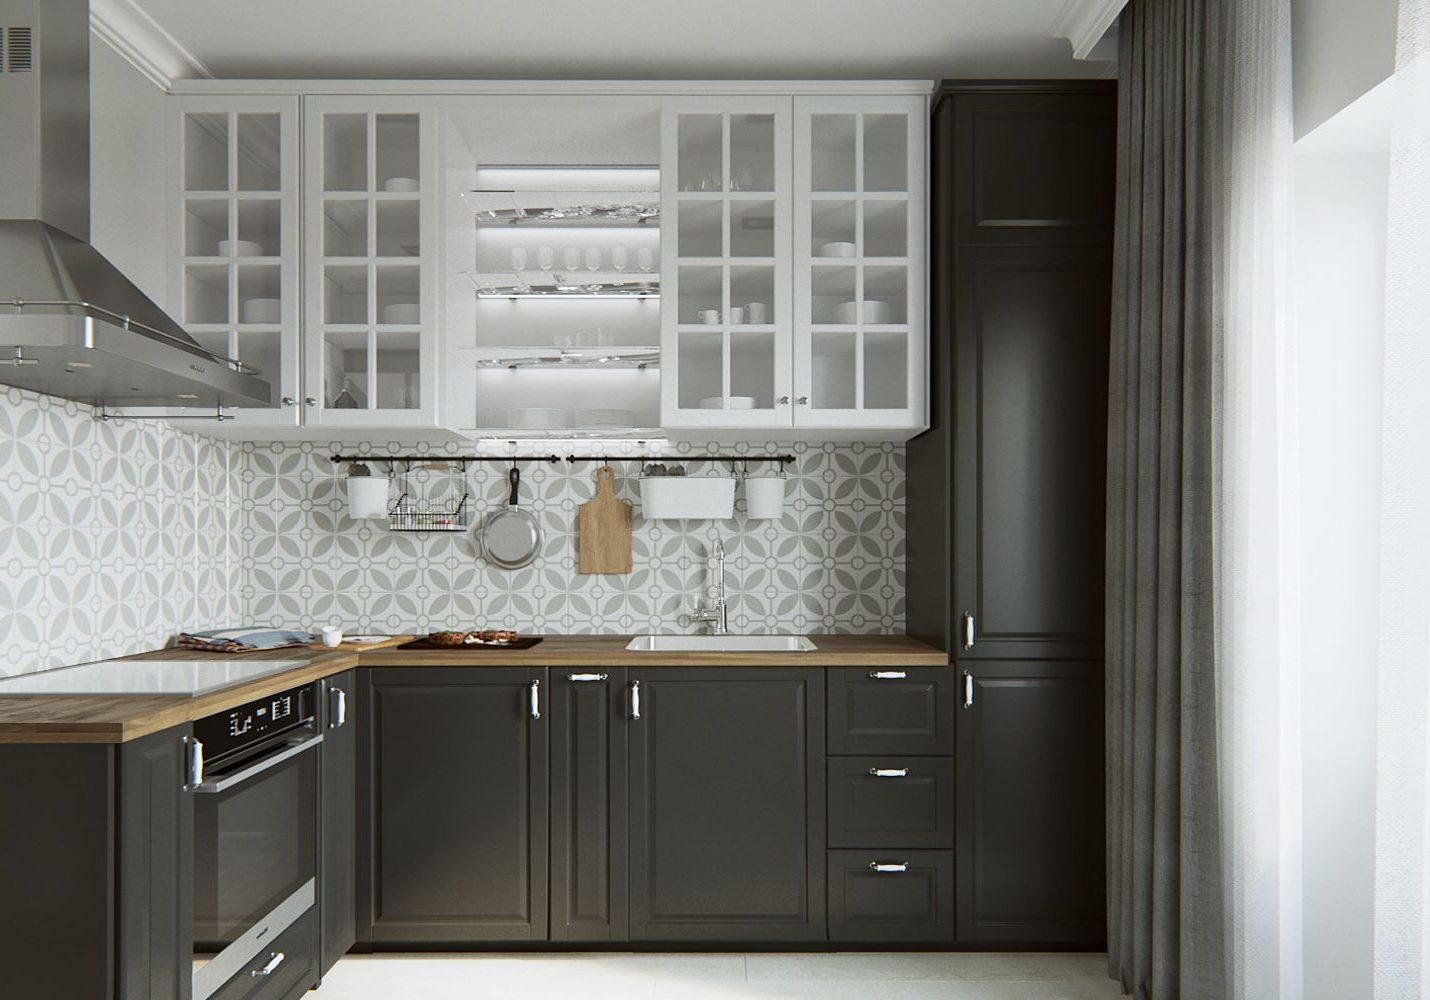 Угловая бело-серая кухня модерн, матовая МДФ